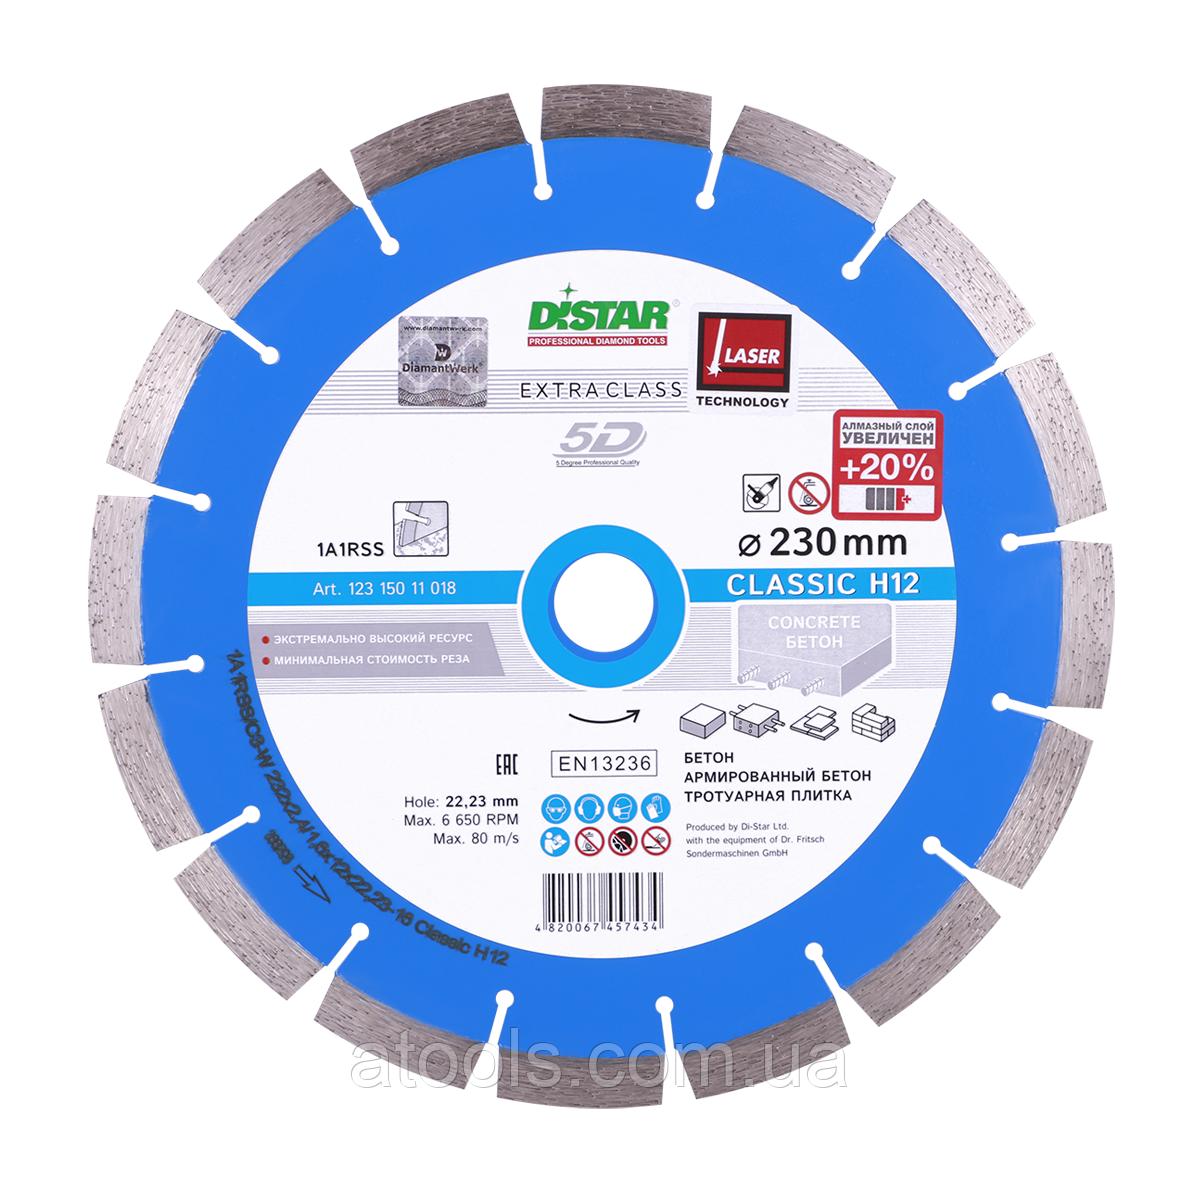 Алмазный отрезной диск Distar Classic 1A1RSS/C3-W 230x2.6/1.8x22.23-16-ARP 38x2.6x8+2 (12315011017)